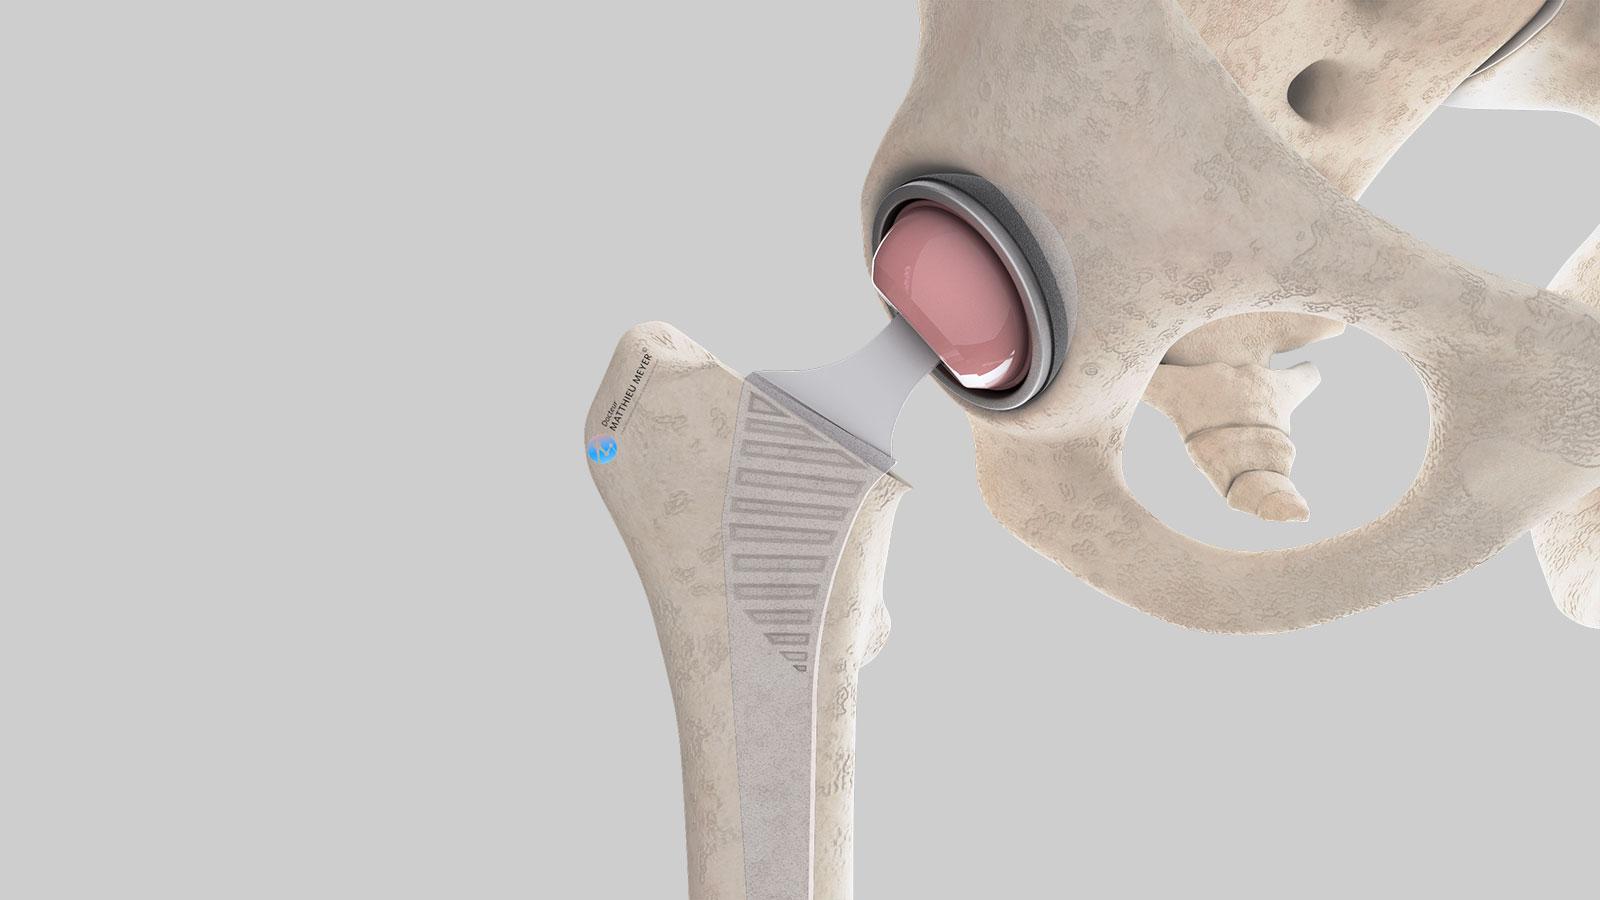 Prothèse totale de hanche en place